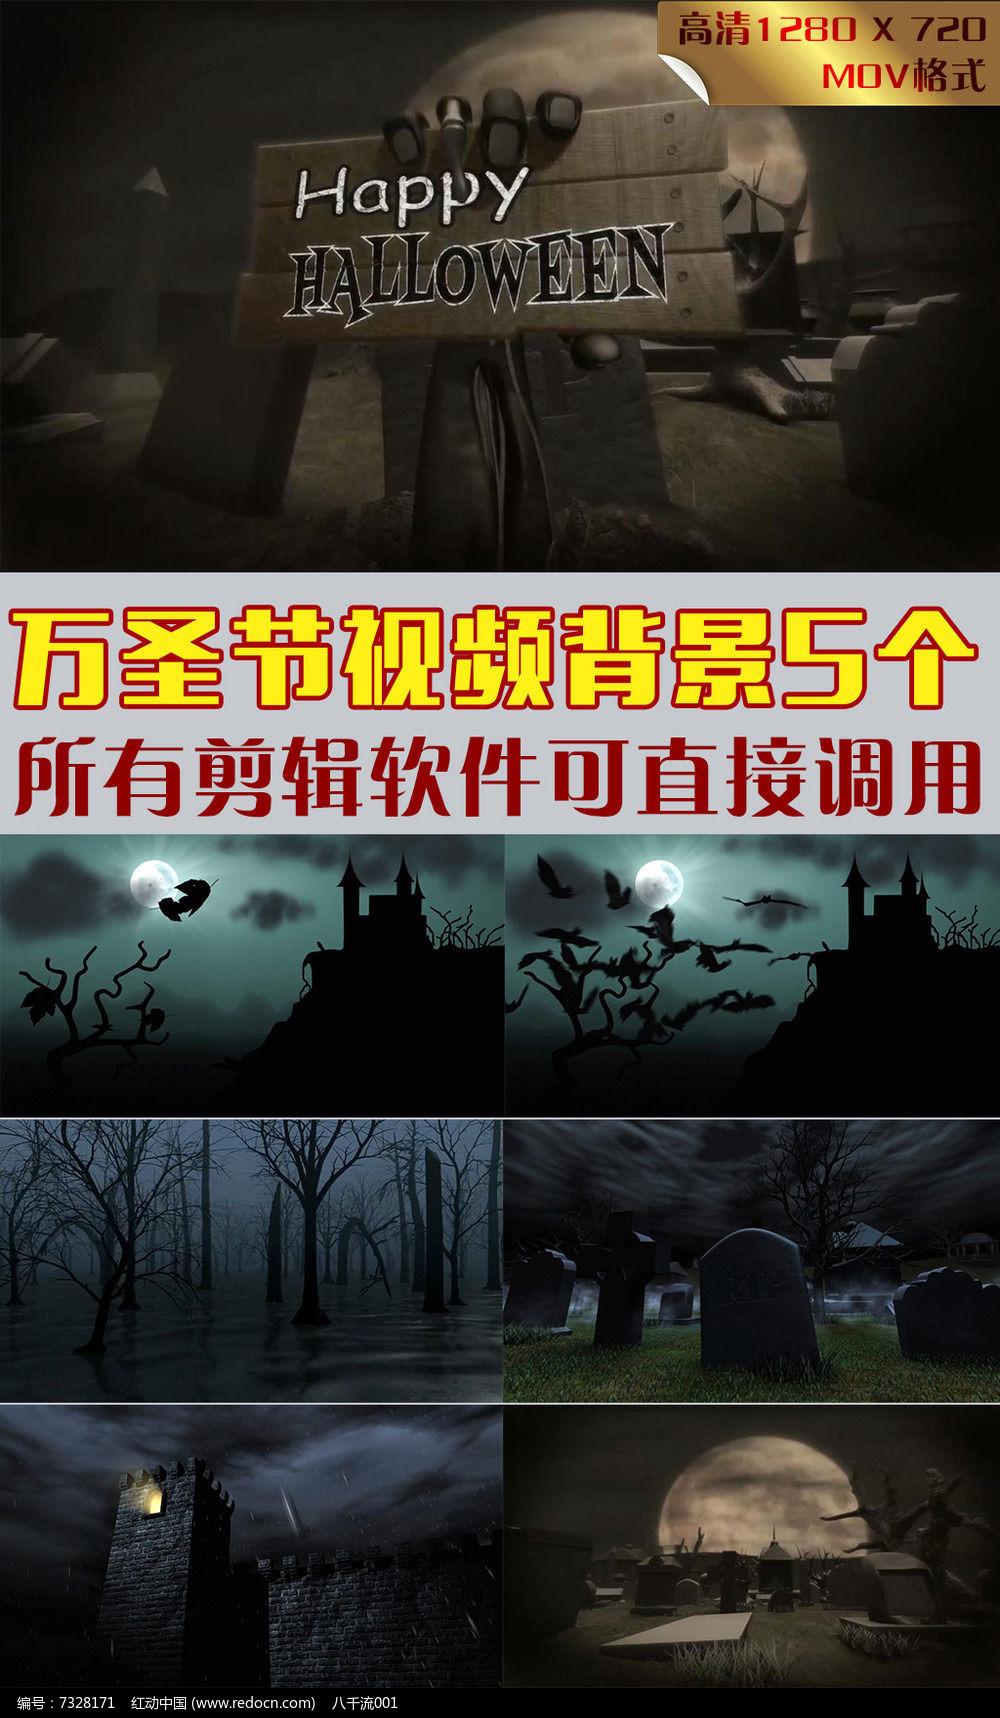 万圣节恐怖视频素材5段大合集图片